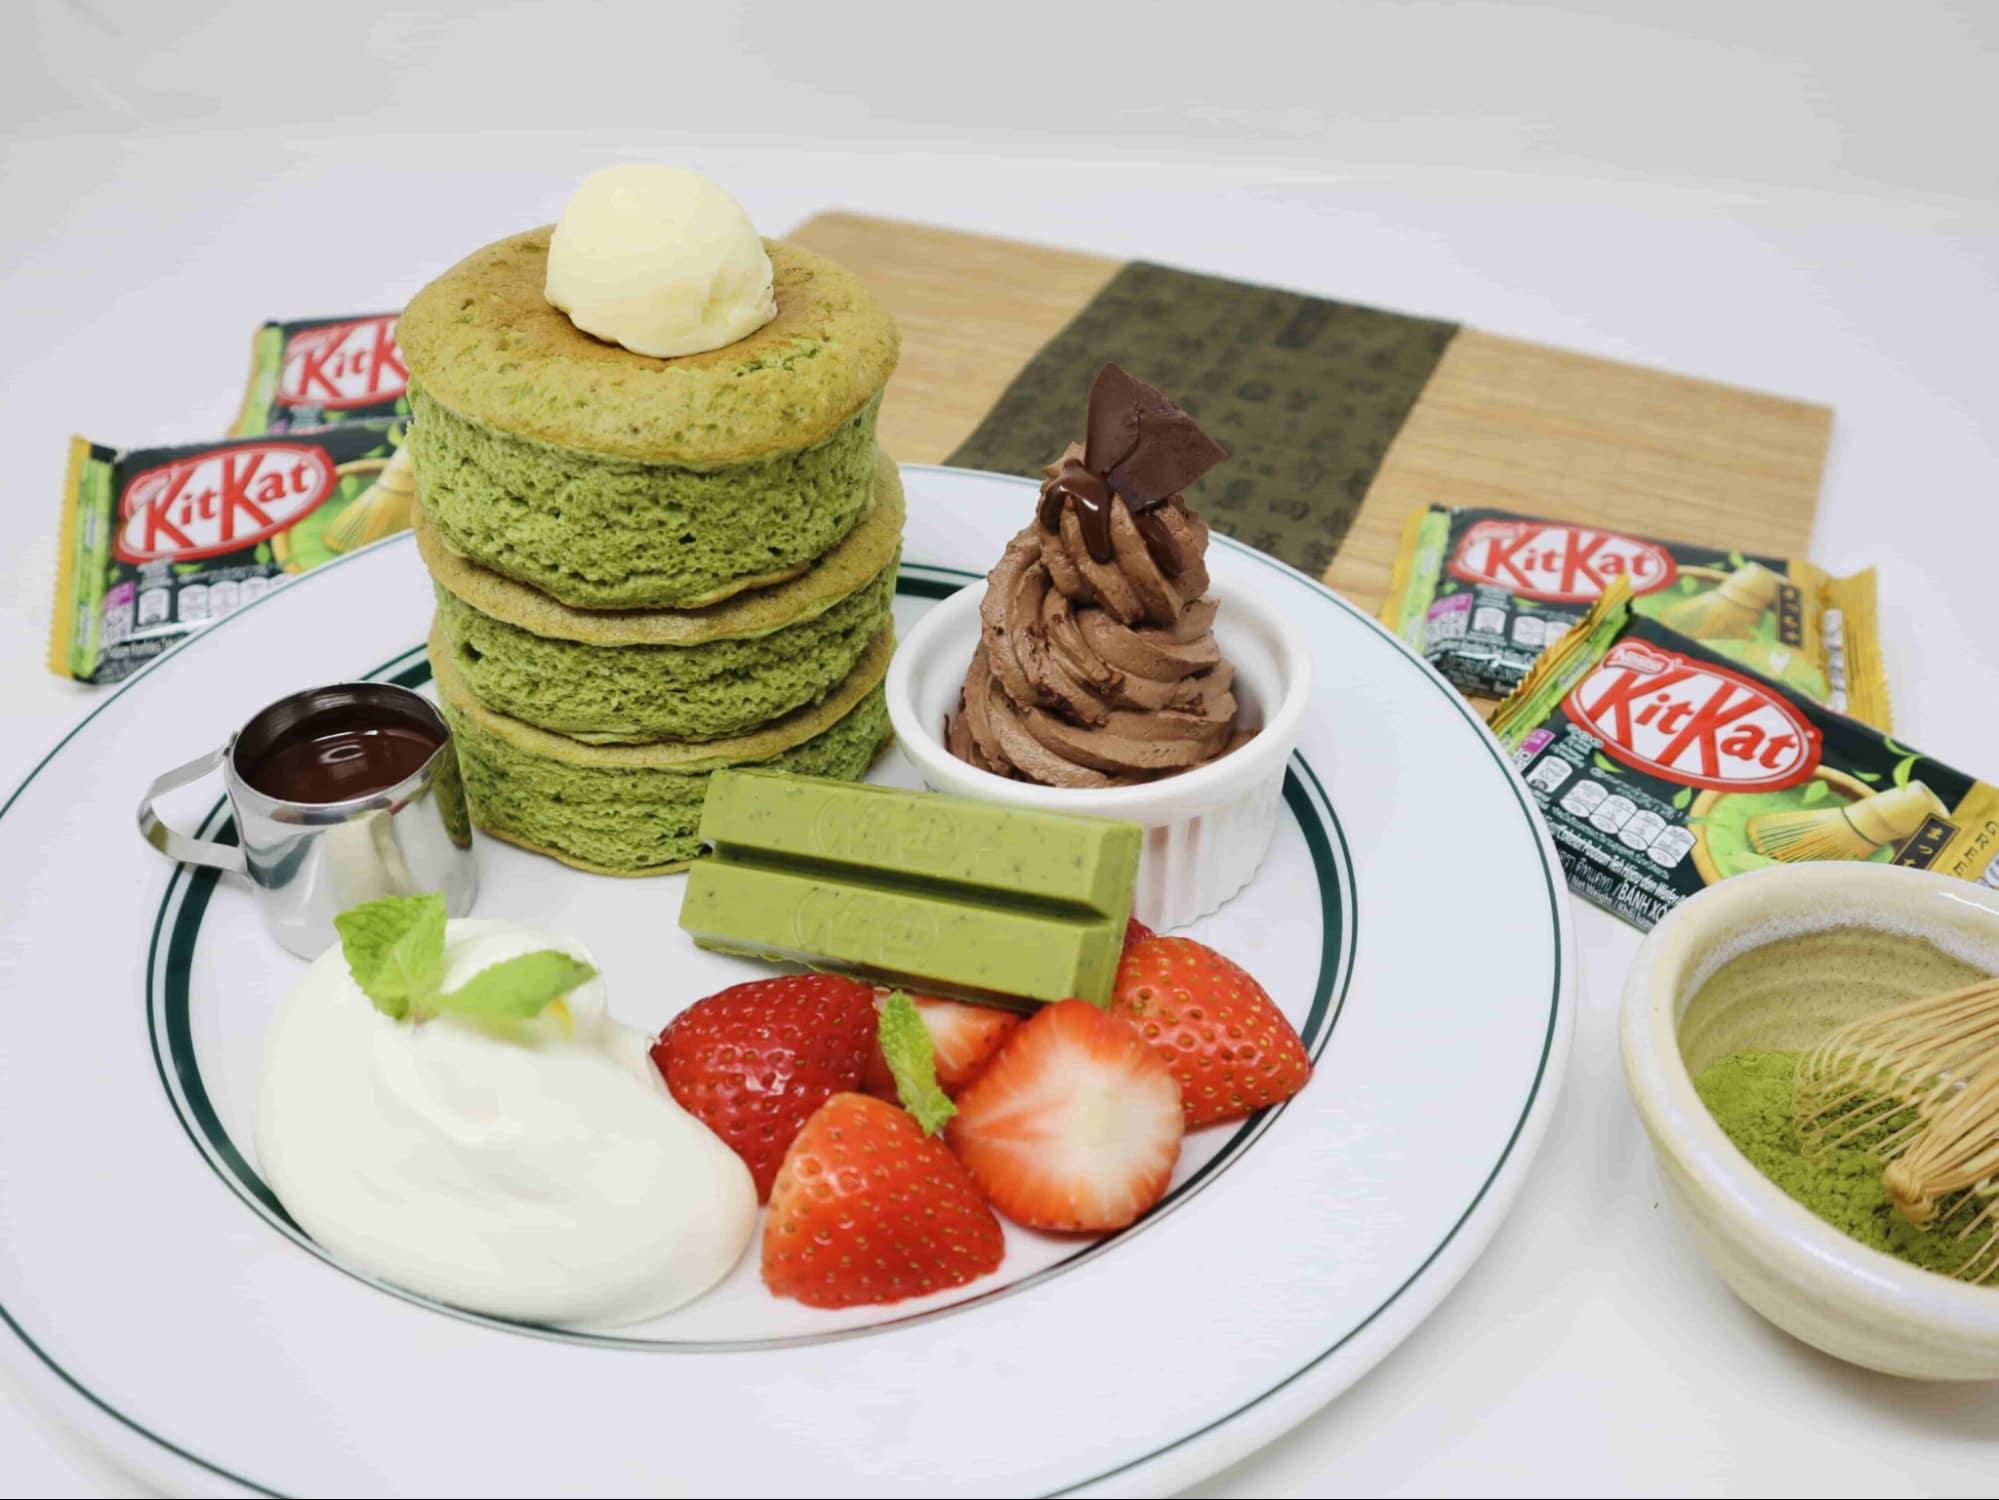 New restaurants in September - gram cafe and pancakes kit kat